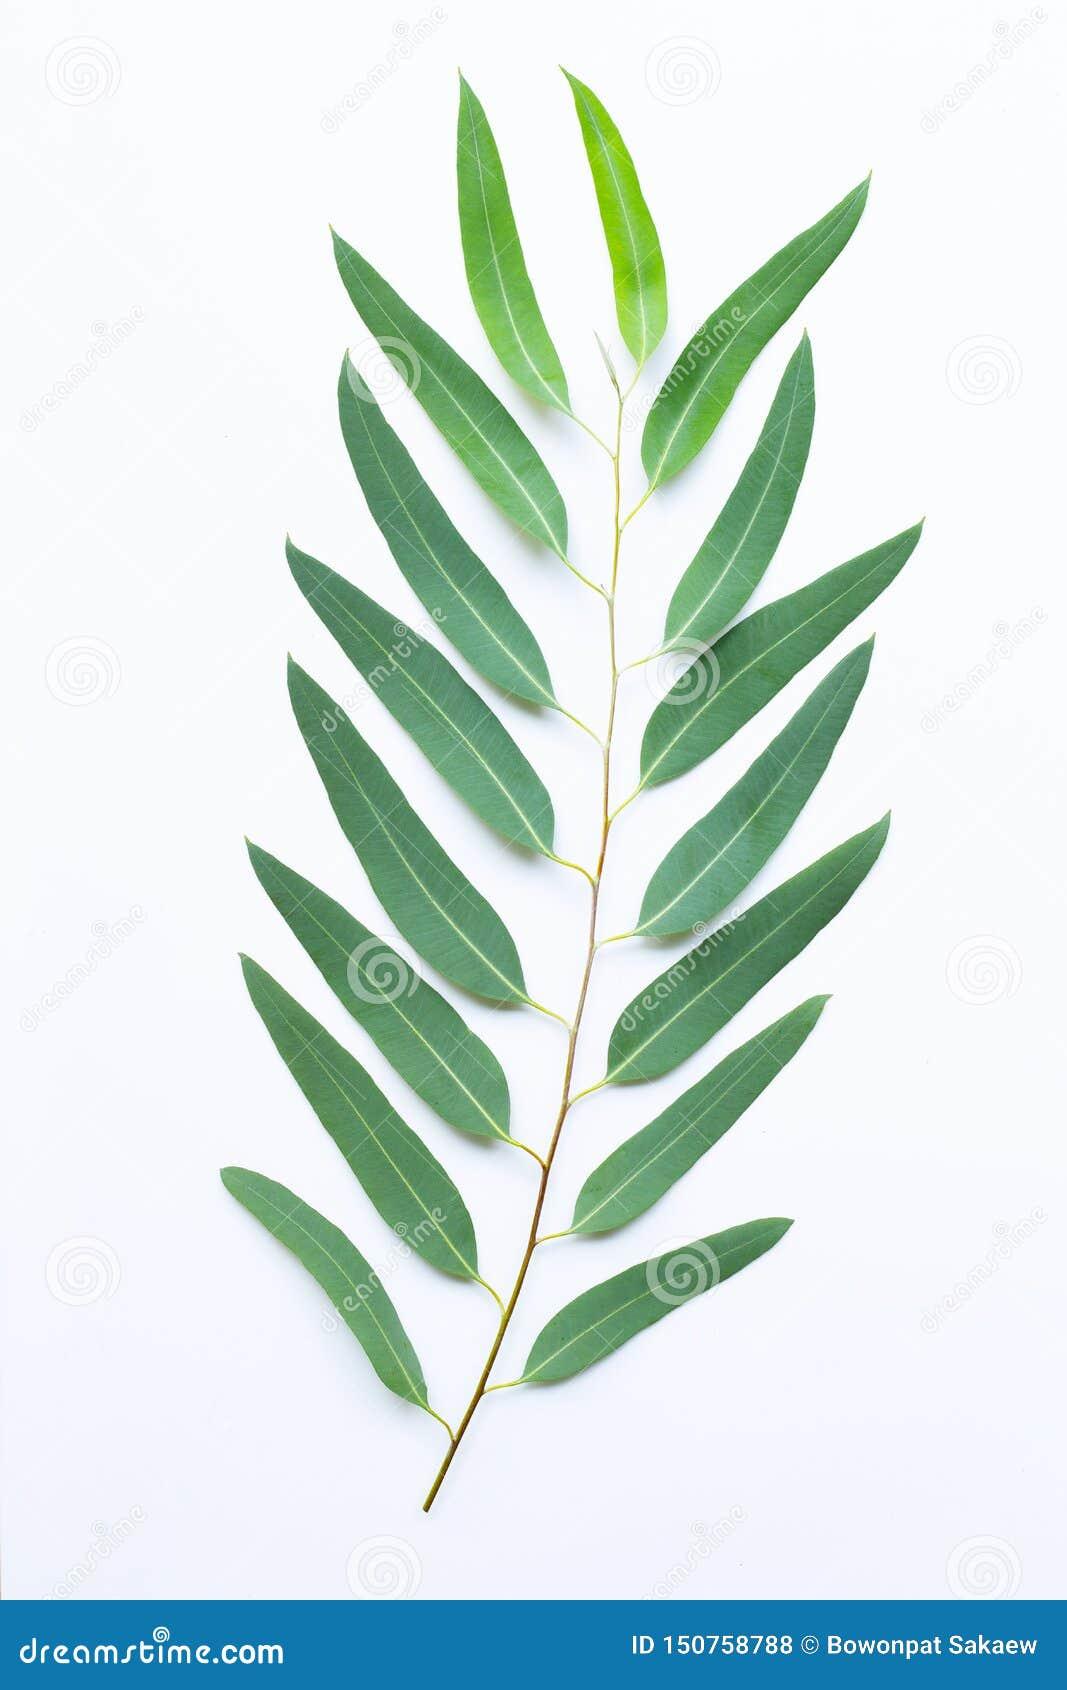 Eucalyptus branch on white